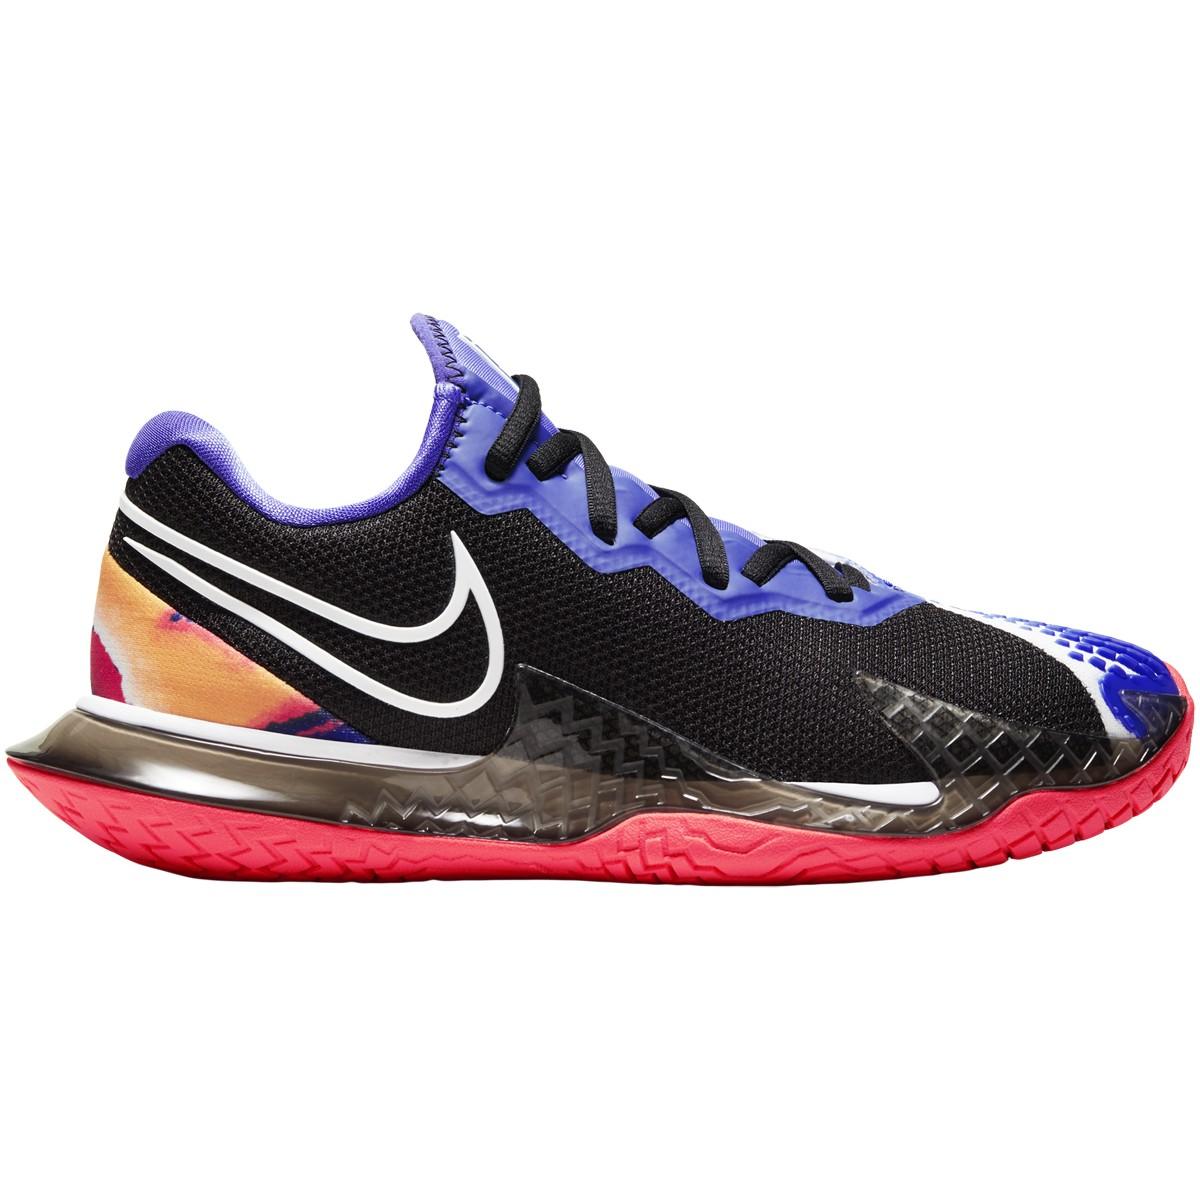 Chaussures Nike Femme Air Zoom Vapor Cage 4 Toutes Surfaces Noires